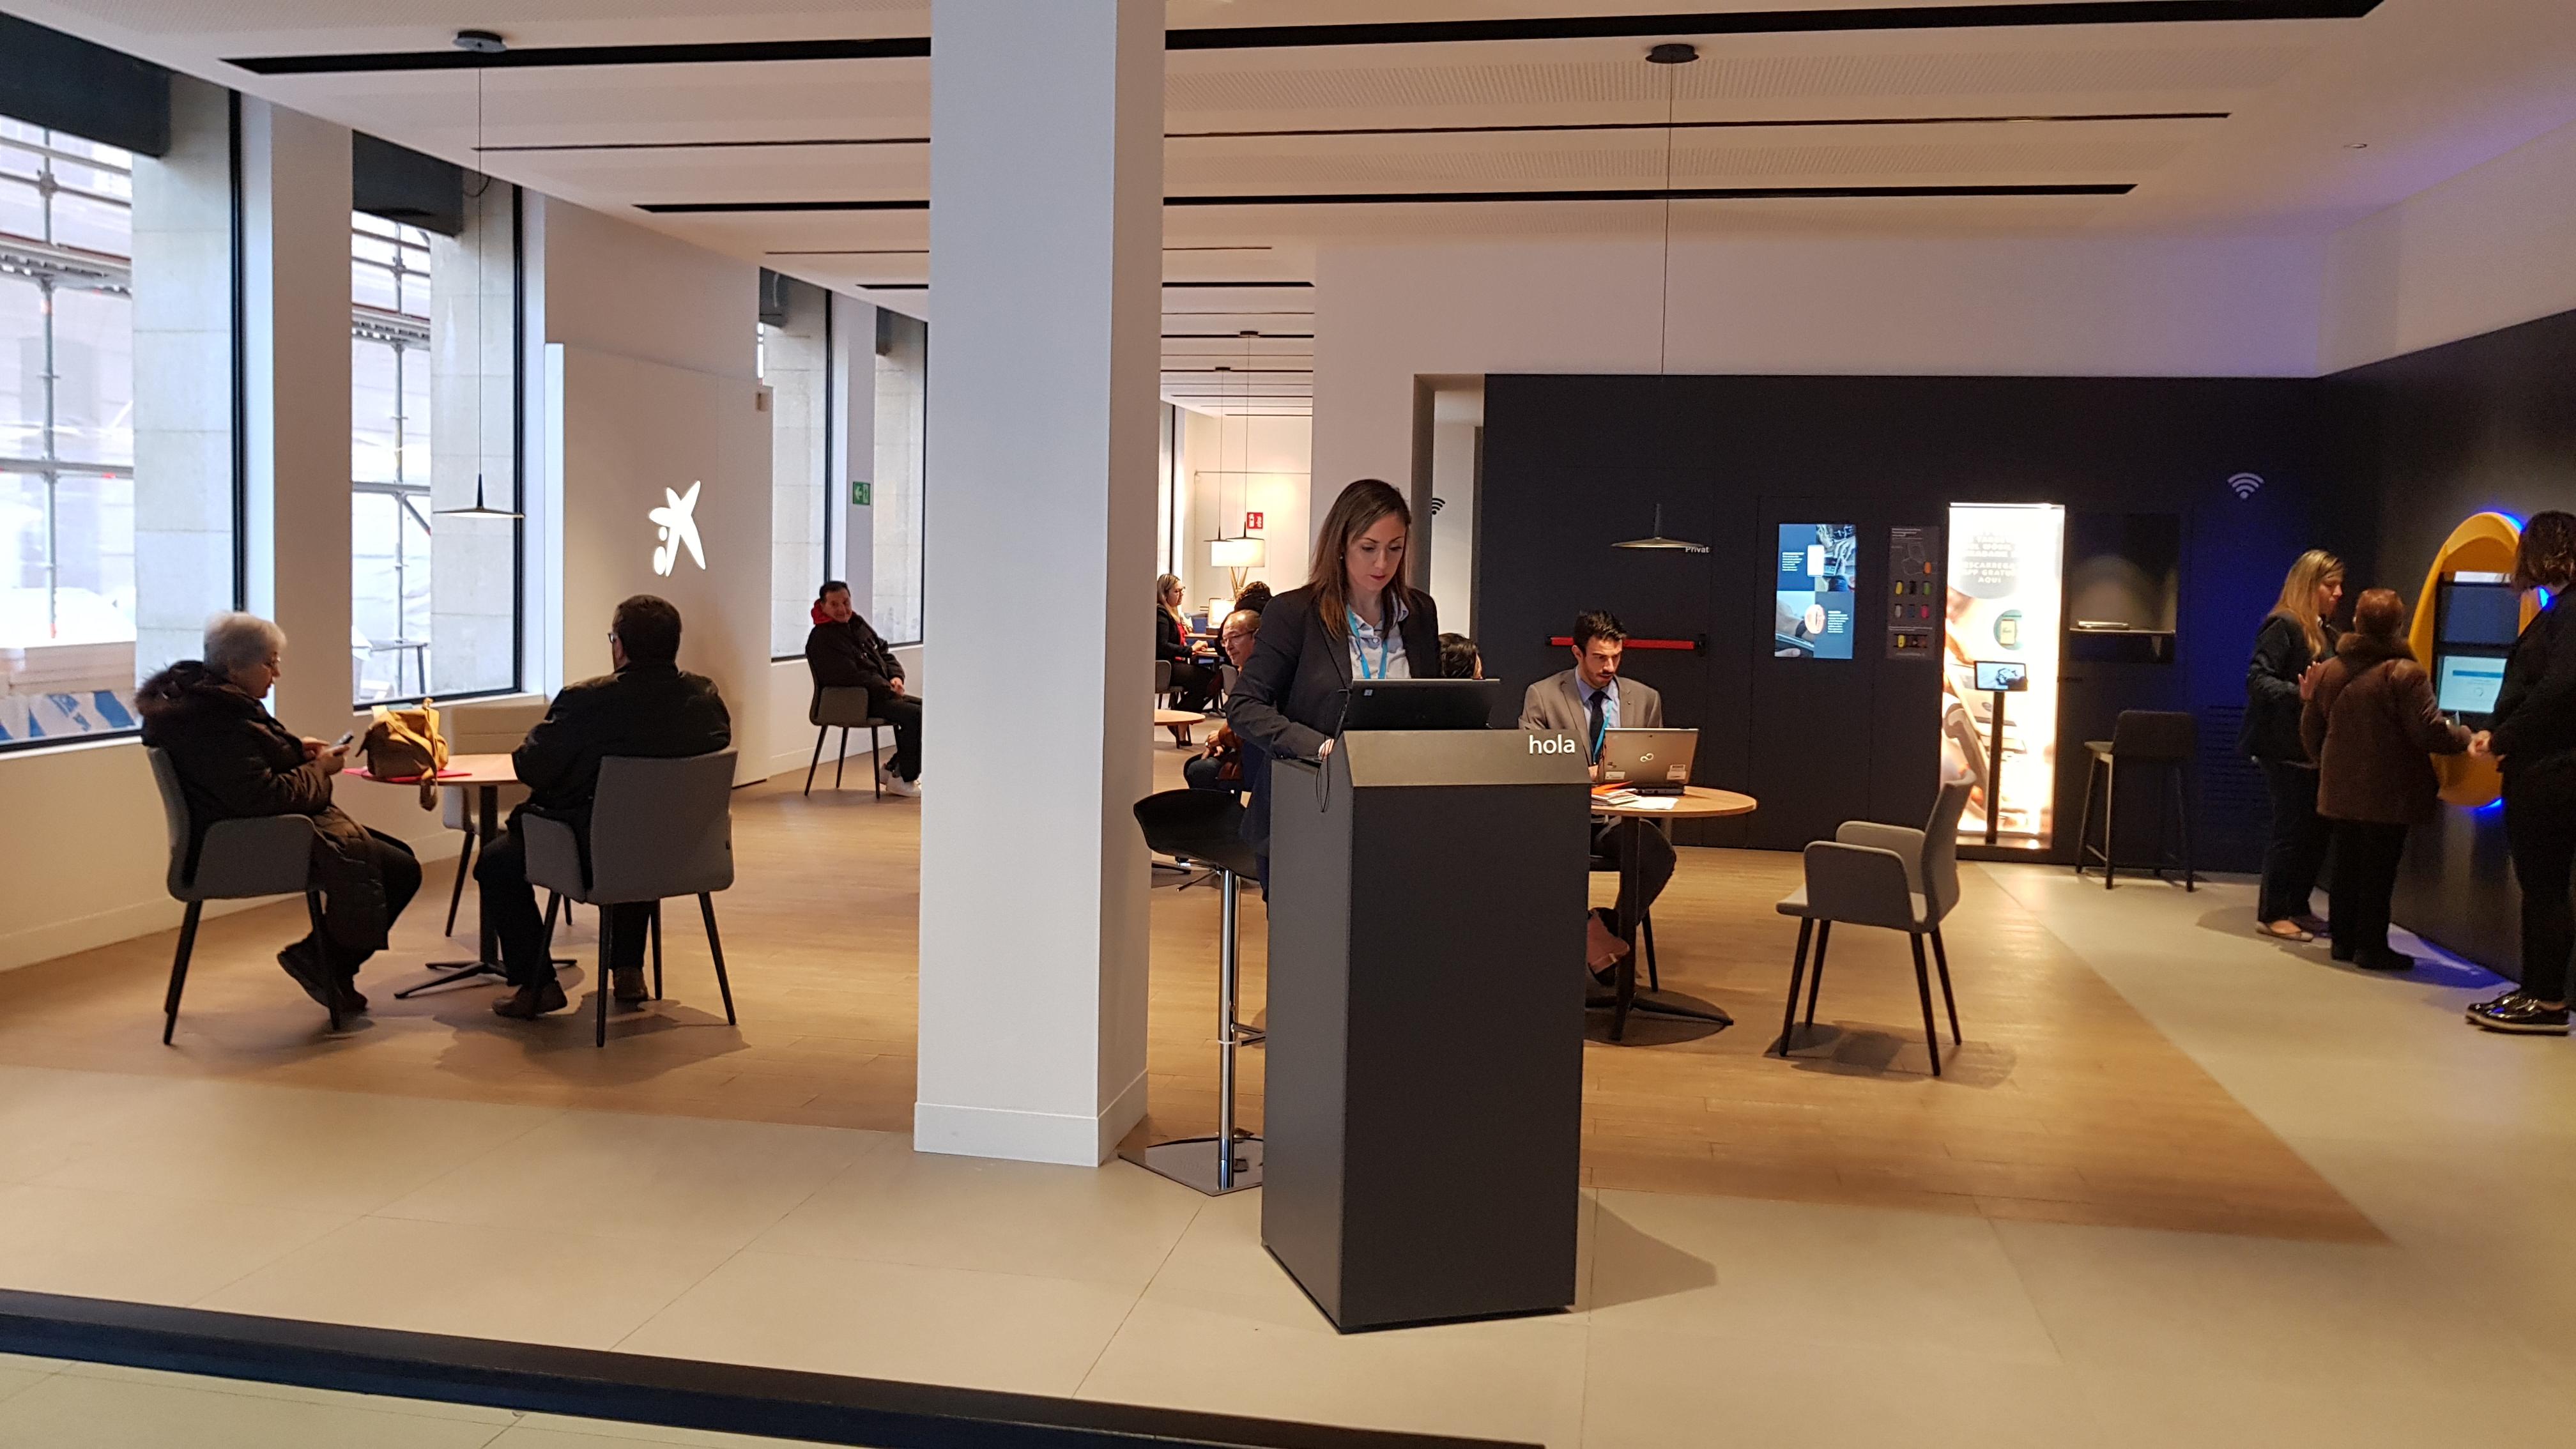 caixabank ha inaugurado la oficina de nuevo modelo store